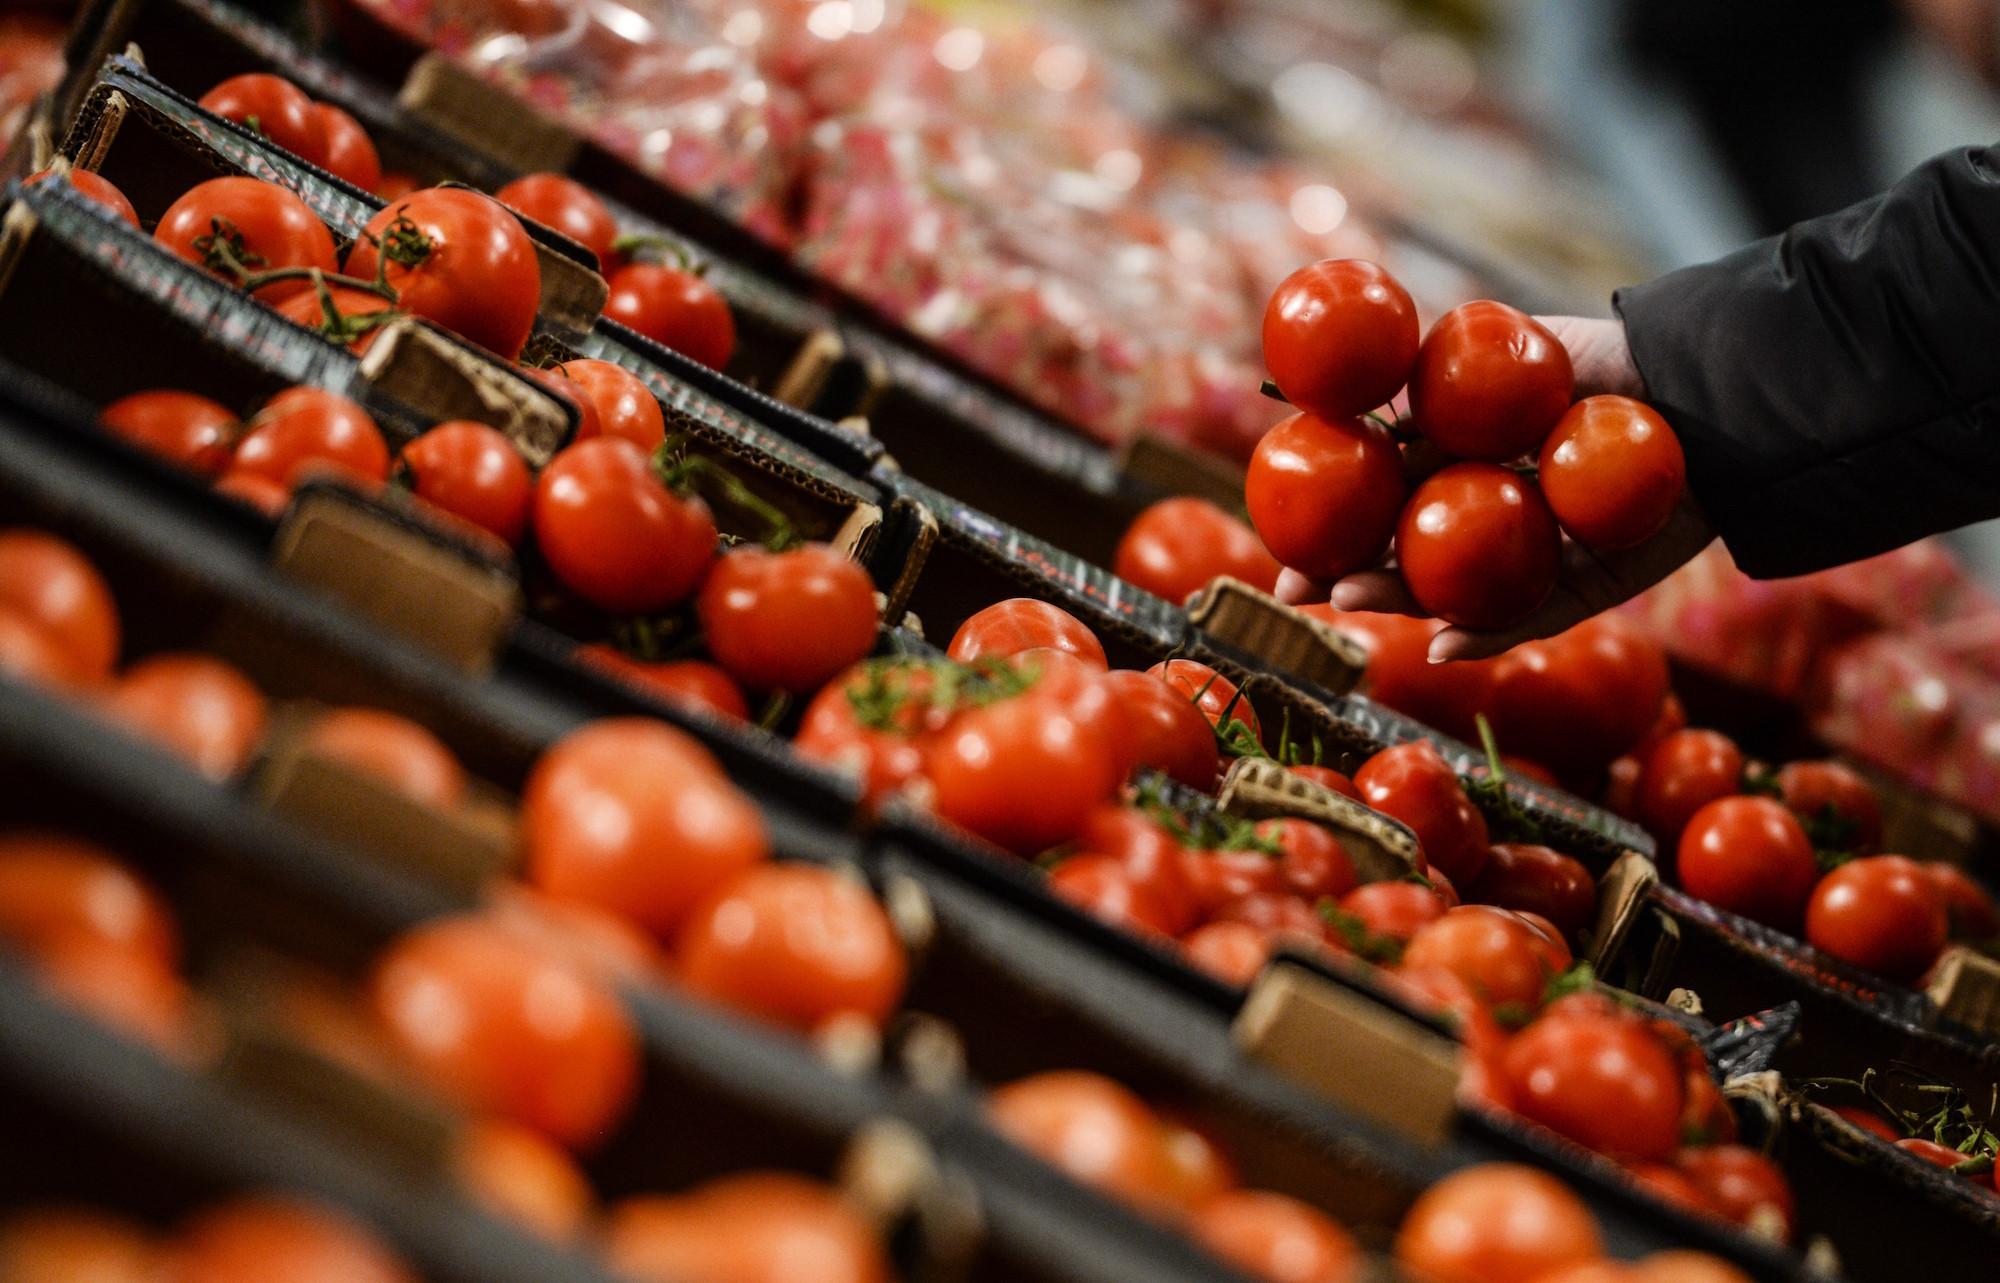 <p>Покупатель выбирает томаты в супермаркете. Фото: &copy; РИА Новости/Константин Чалабов</p>